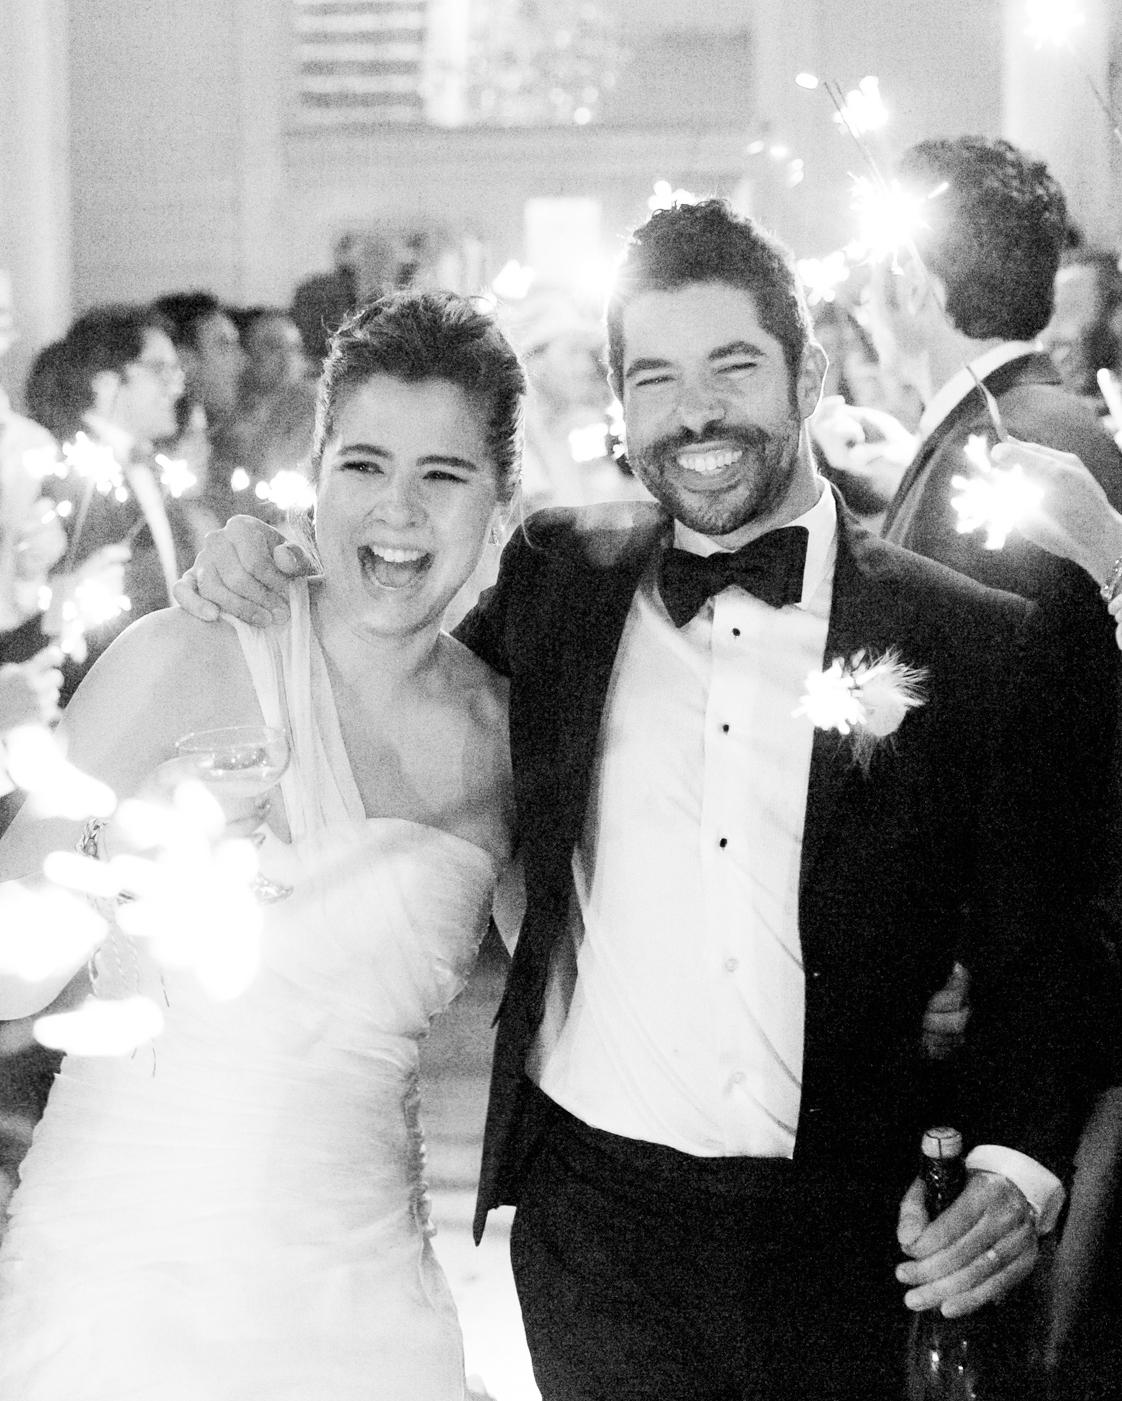 stacey-adam-wedding-sparklers-0109-s112112-0815.jpg